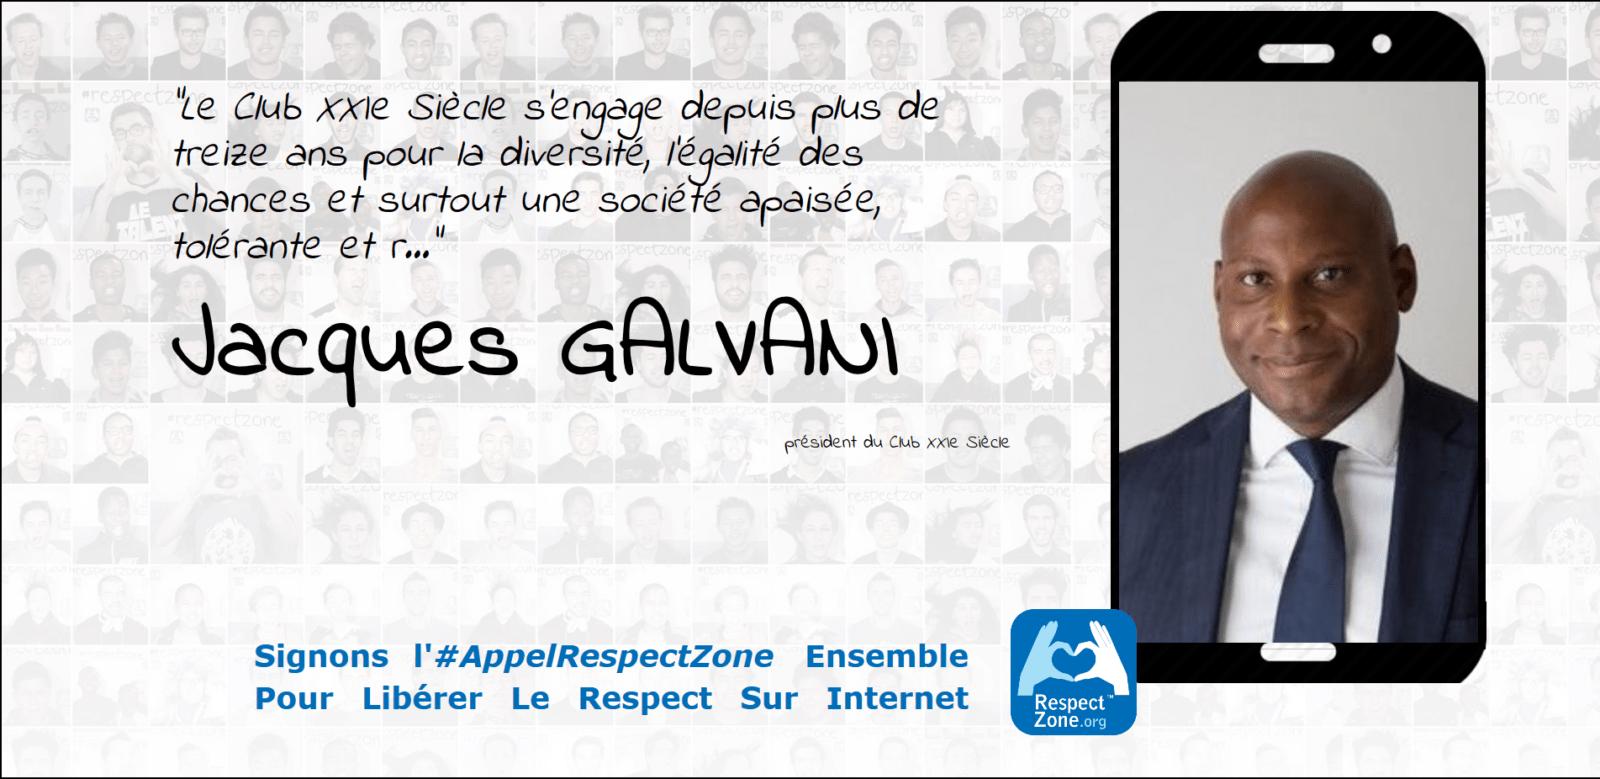 Jacques GALVANI